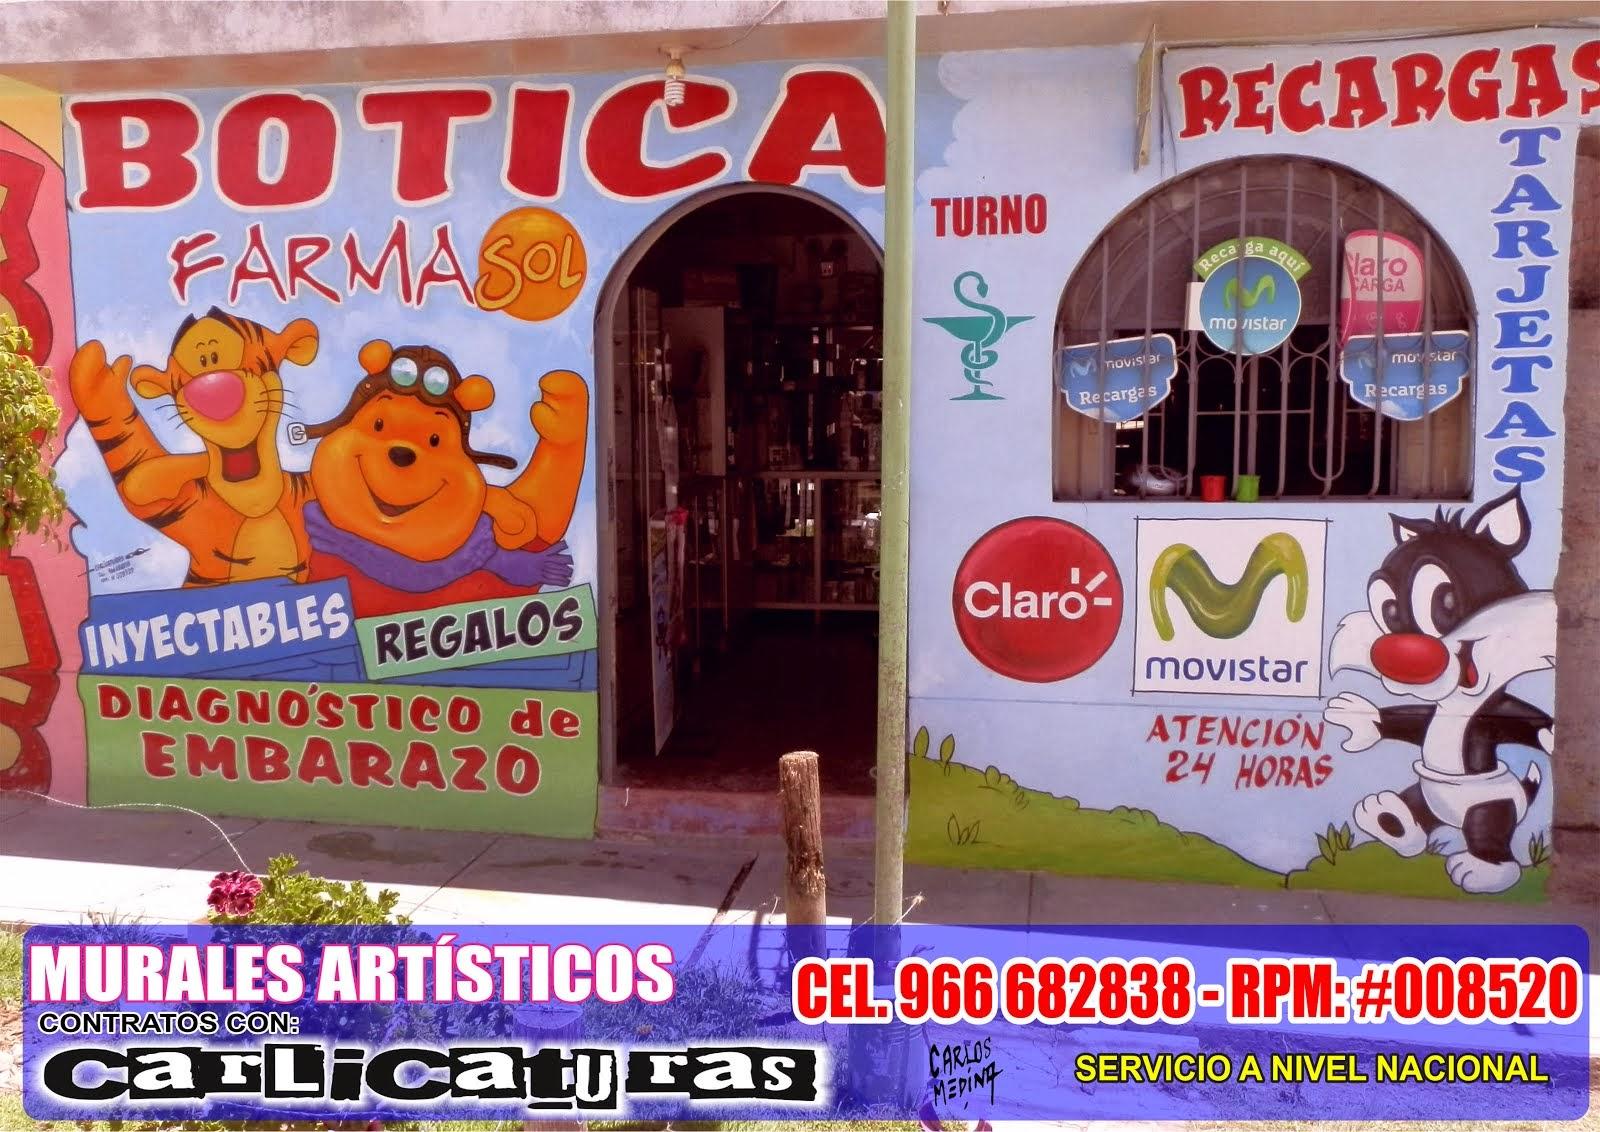 PINTURA MURAL DE PUBLICIDAD EN AYACUCHO PERÚ